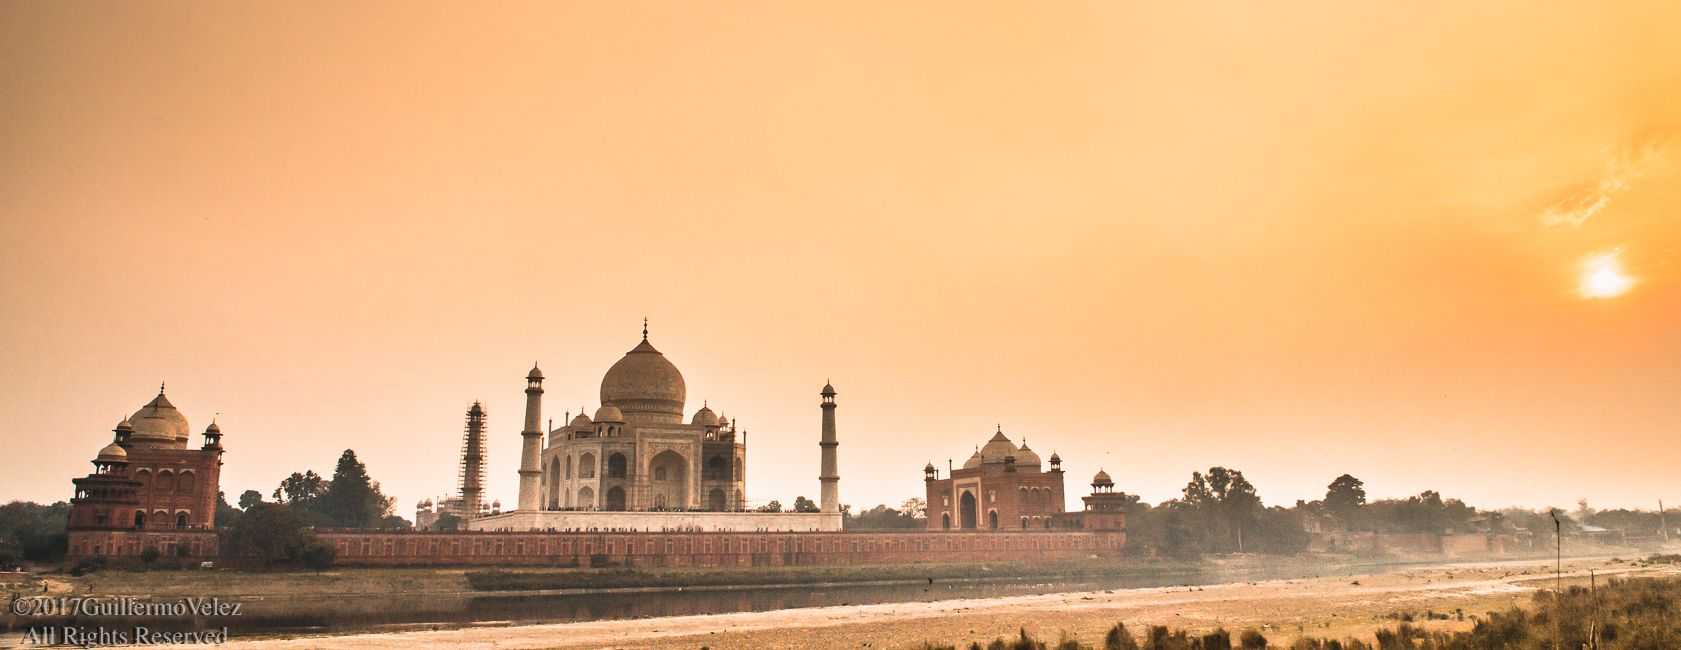 20170121_Agra-7317.jpg